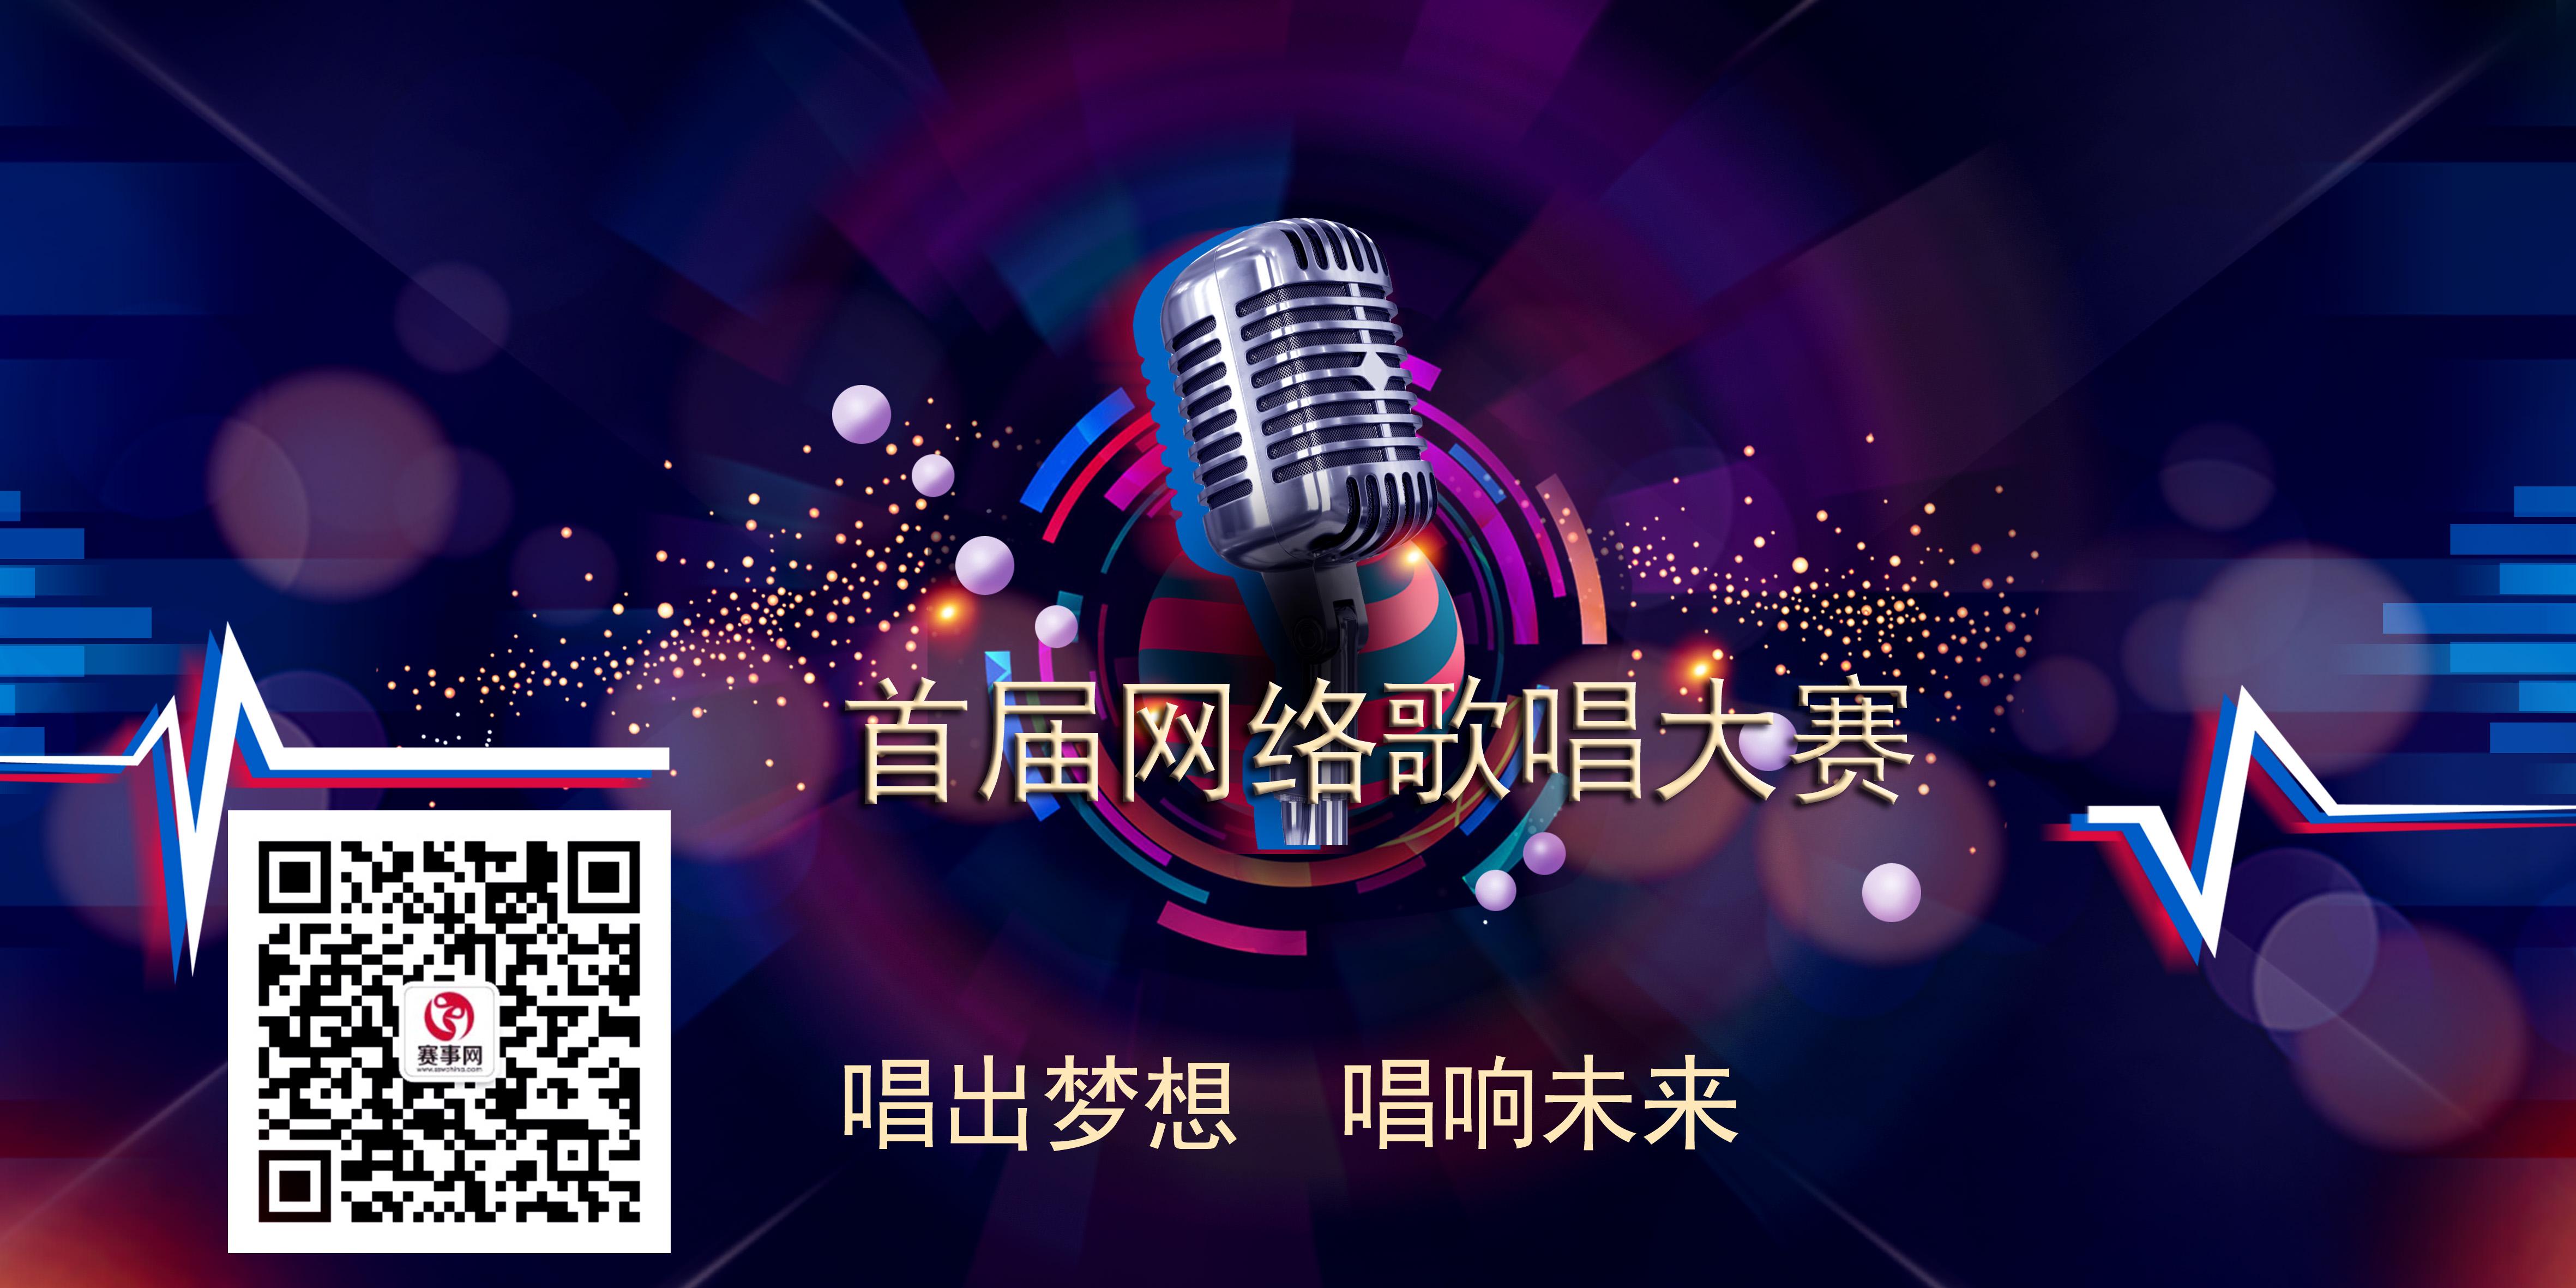 2019首届全国网络歌唱大赛